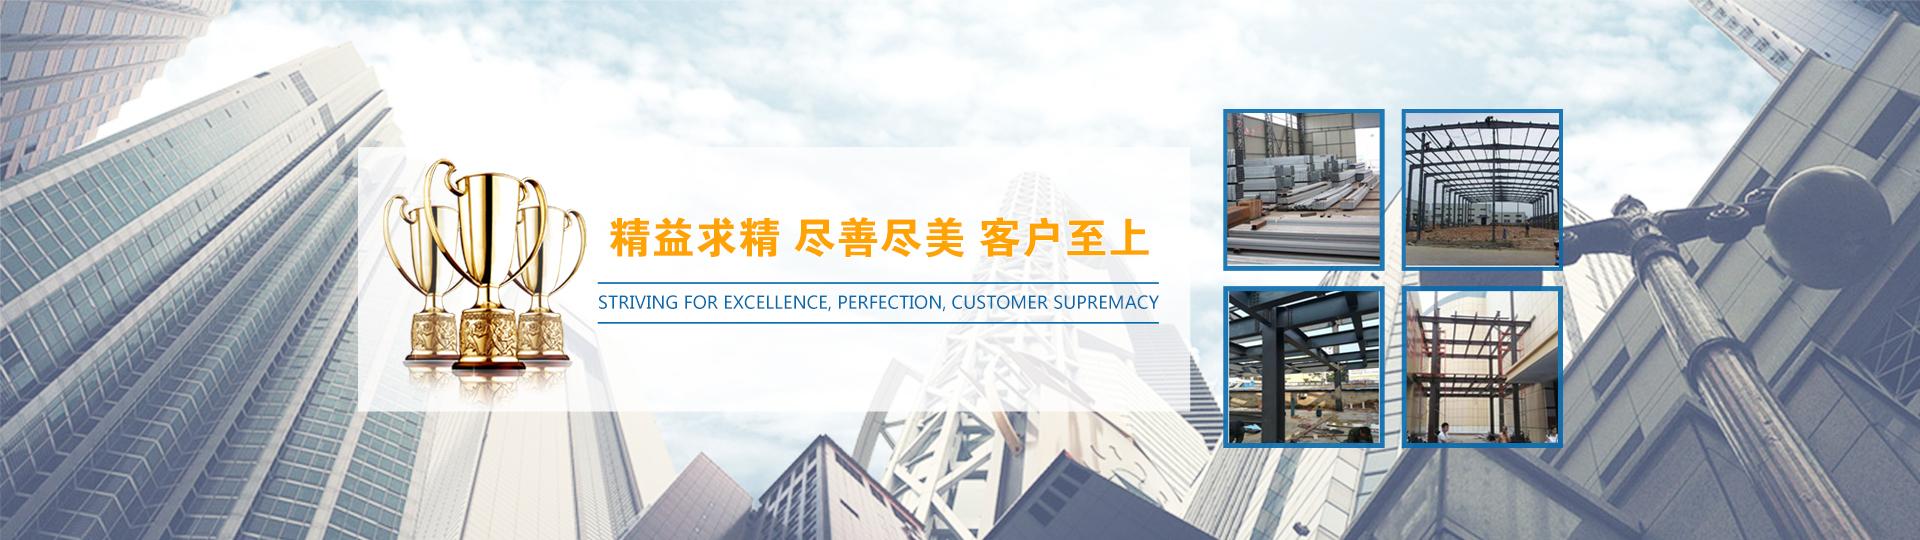 桂林风管生产厂家,桂林钢材价格,桂林镀锌管批发,桂林共板法兰风管